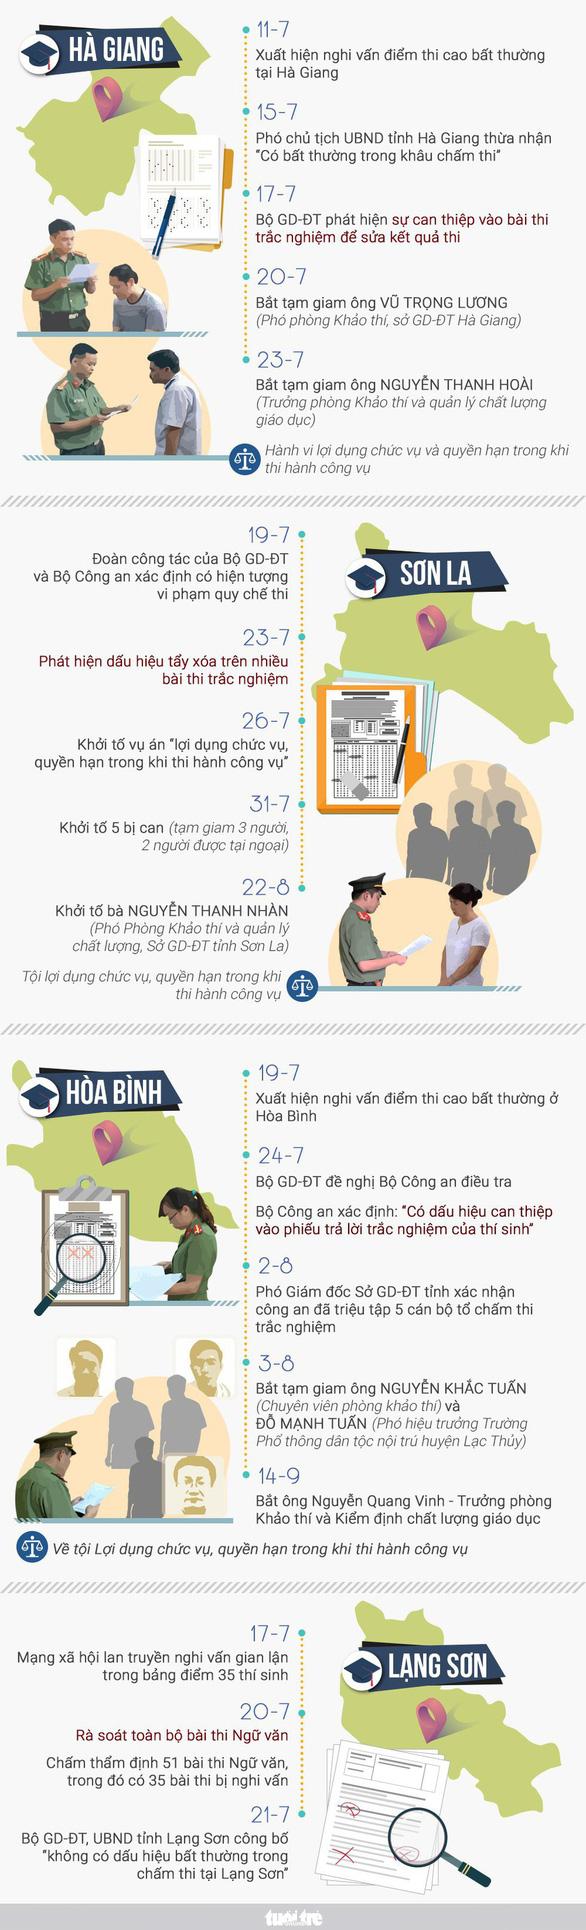 Vụ gian lận thi cử tại Sơn La: Một thiếu tá an ninh bị tước danh hiệu CAND - Ảnh 2.